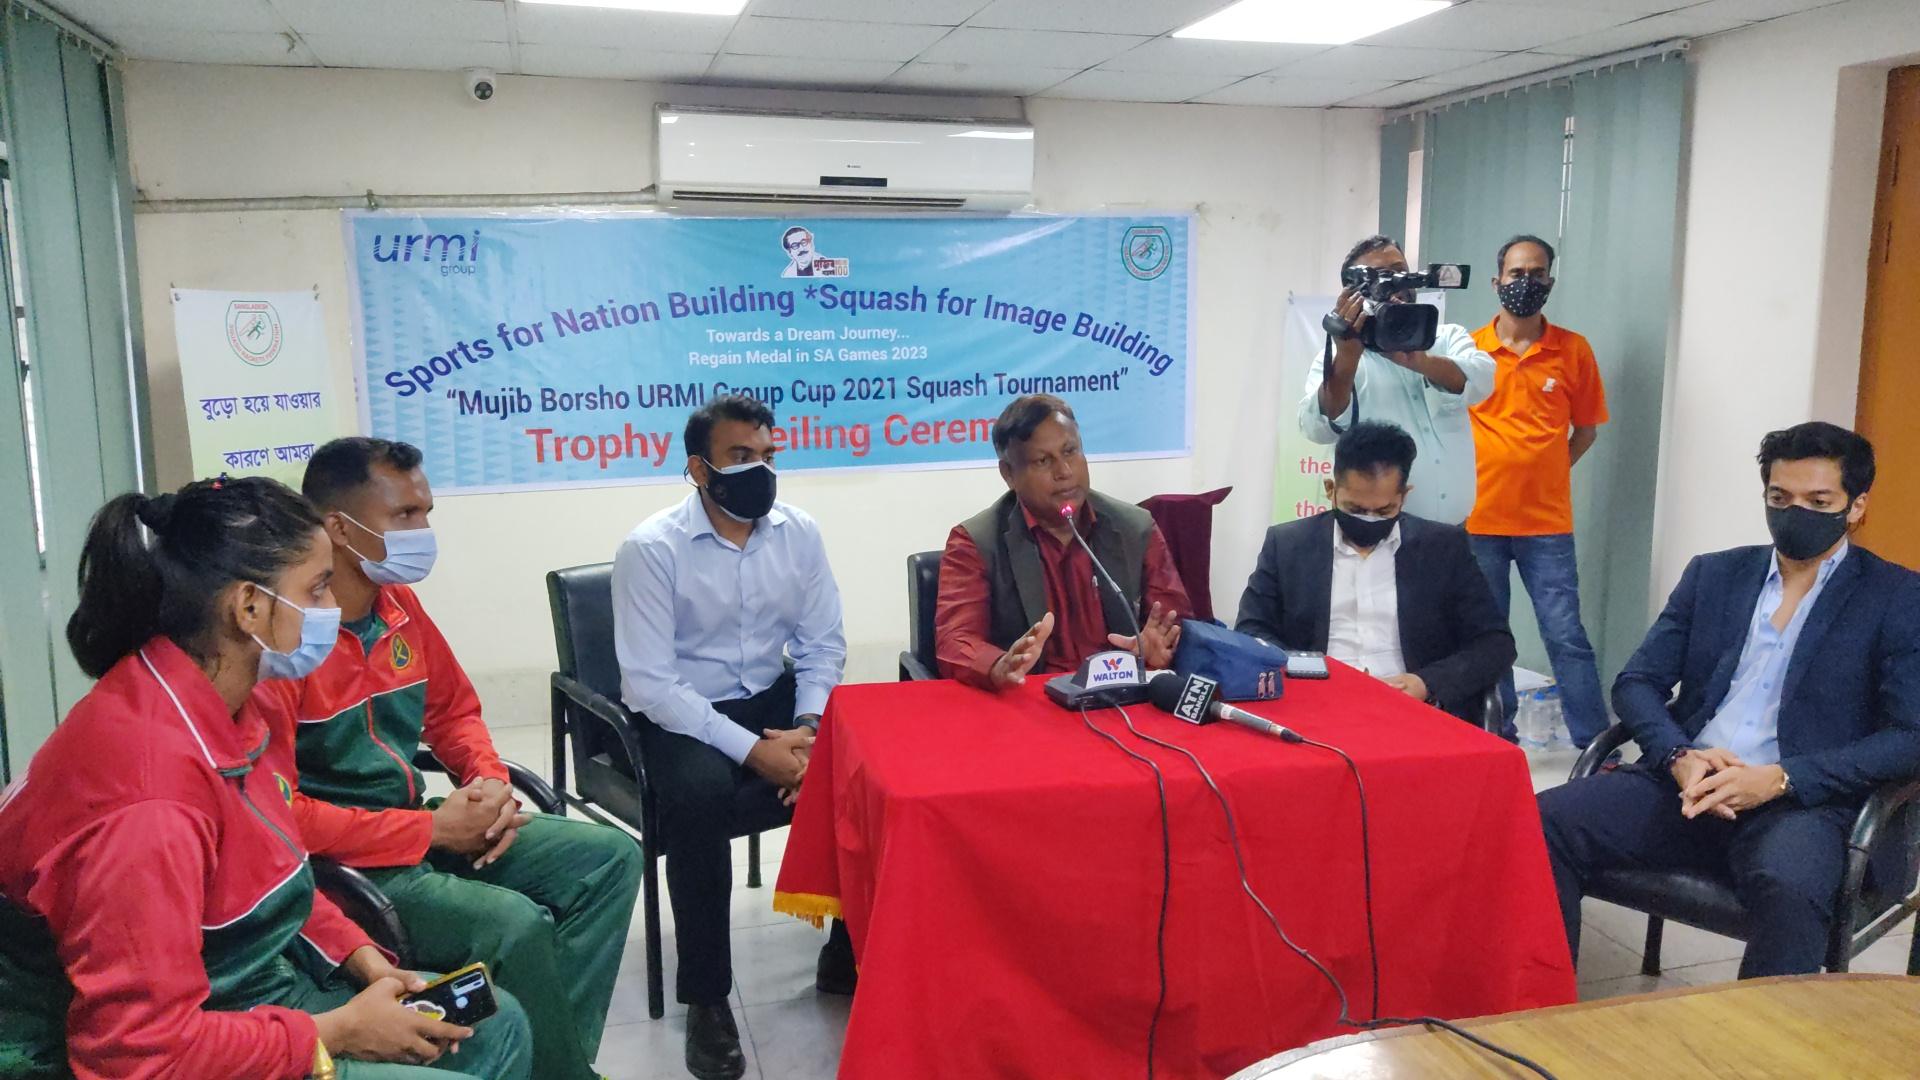 আগামীকাল শুরু হচ্ছে 'মুজিব বর্ষ উর্মী গ্রুপ স্কোয়াশ প্রতিযোগীতা ২০২০-২১'